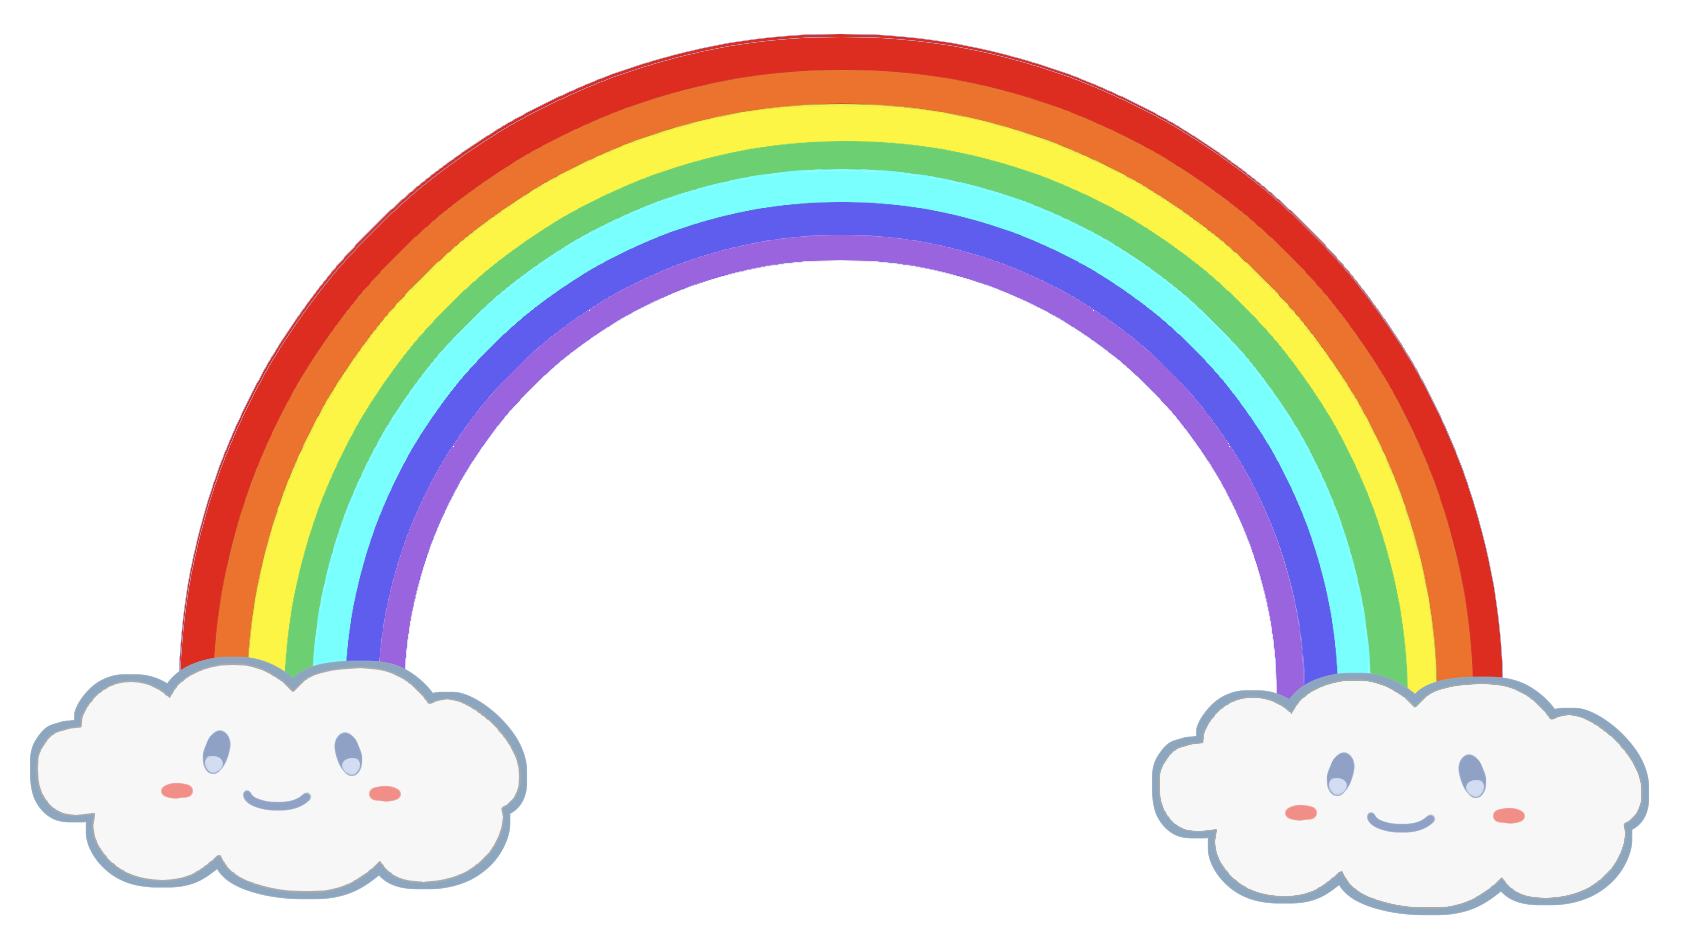 虹と顔つきの雲の無料イラスト素材です